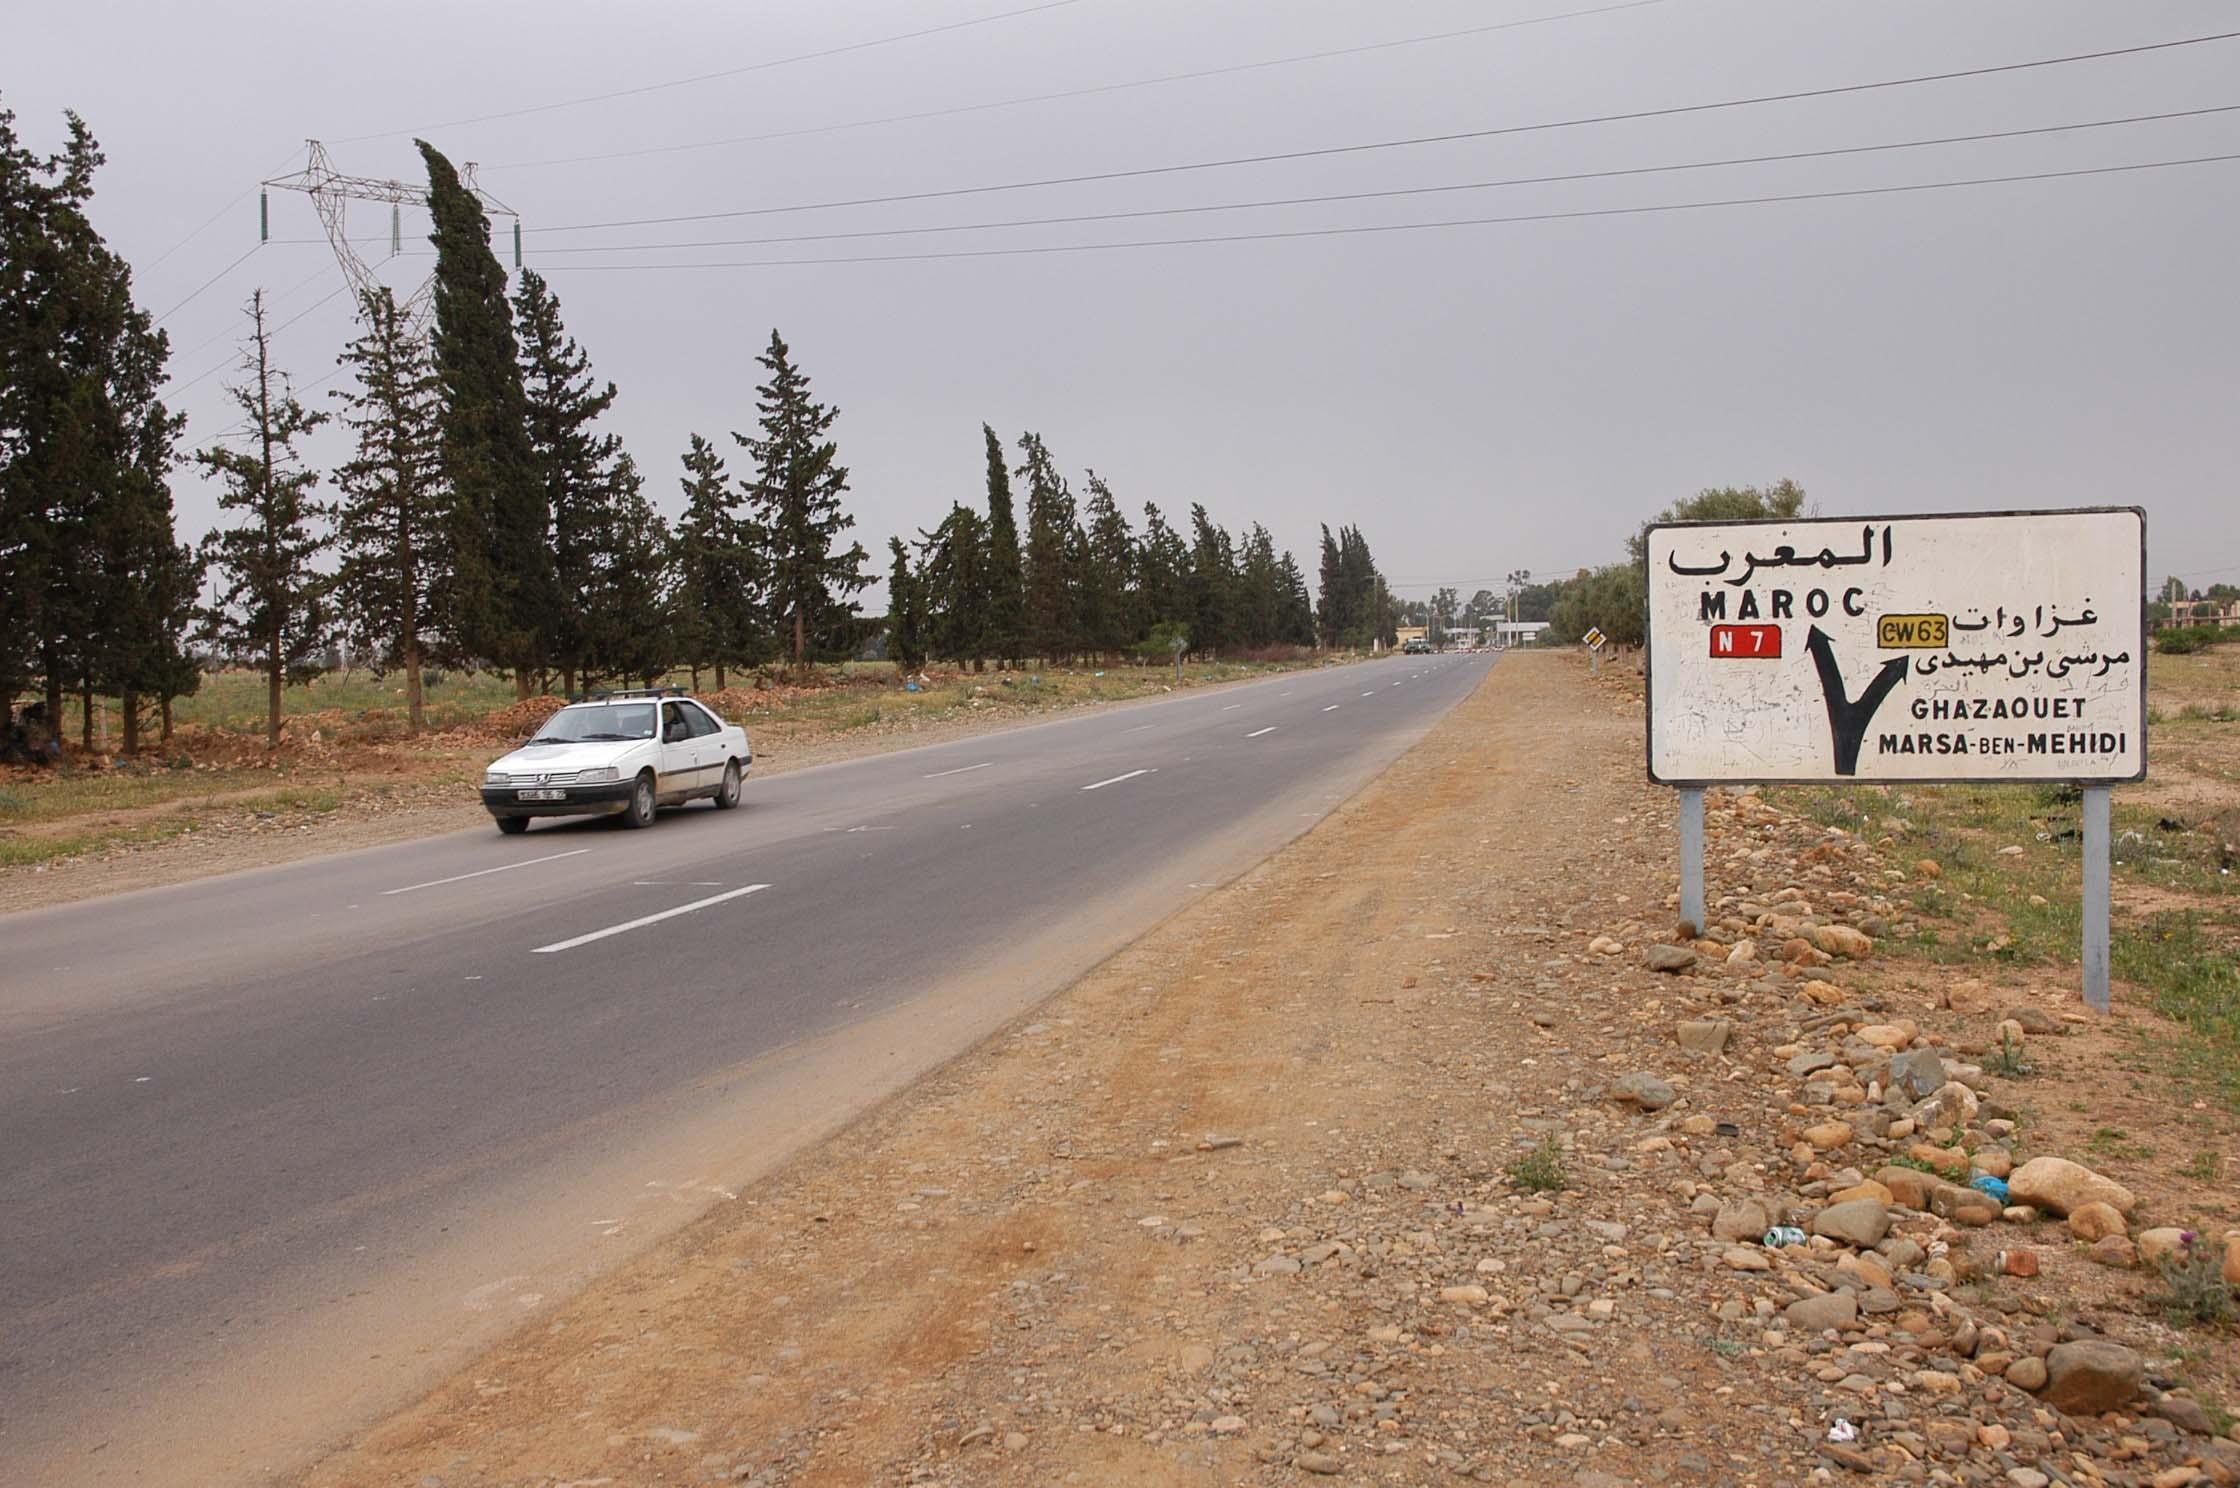 إيقاف جزائريين يهربون الوقود من تلمسان نحو المغرب